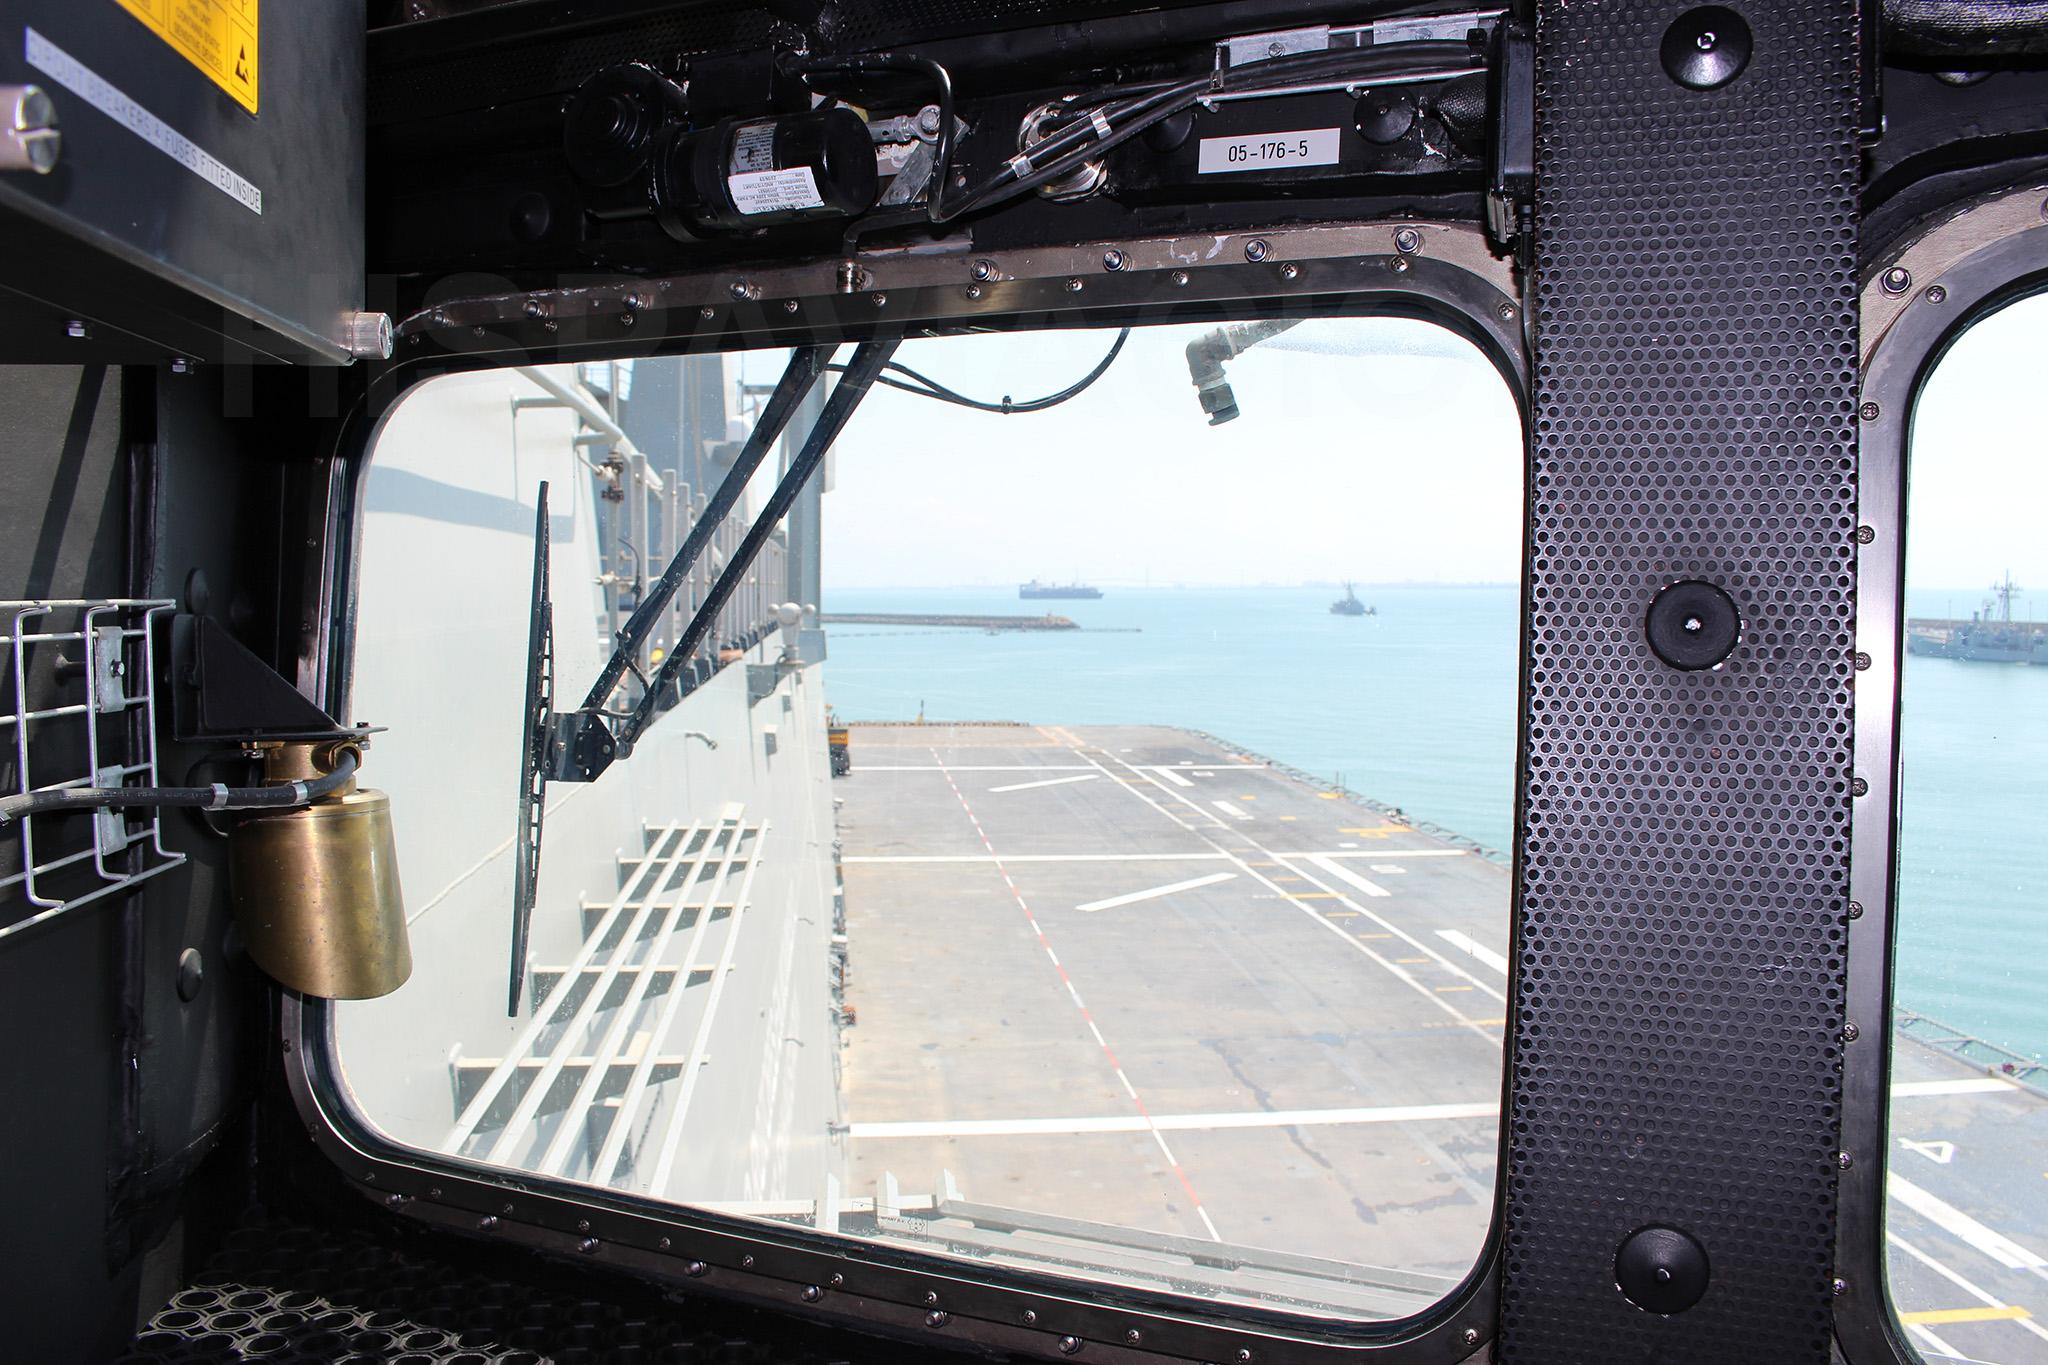 Vista de la cubierta de vuelo desde el primario. Fuente: Hispaviación